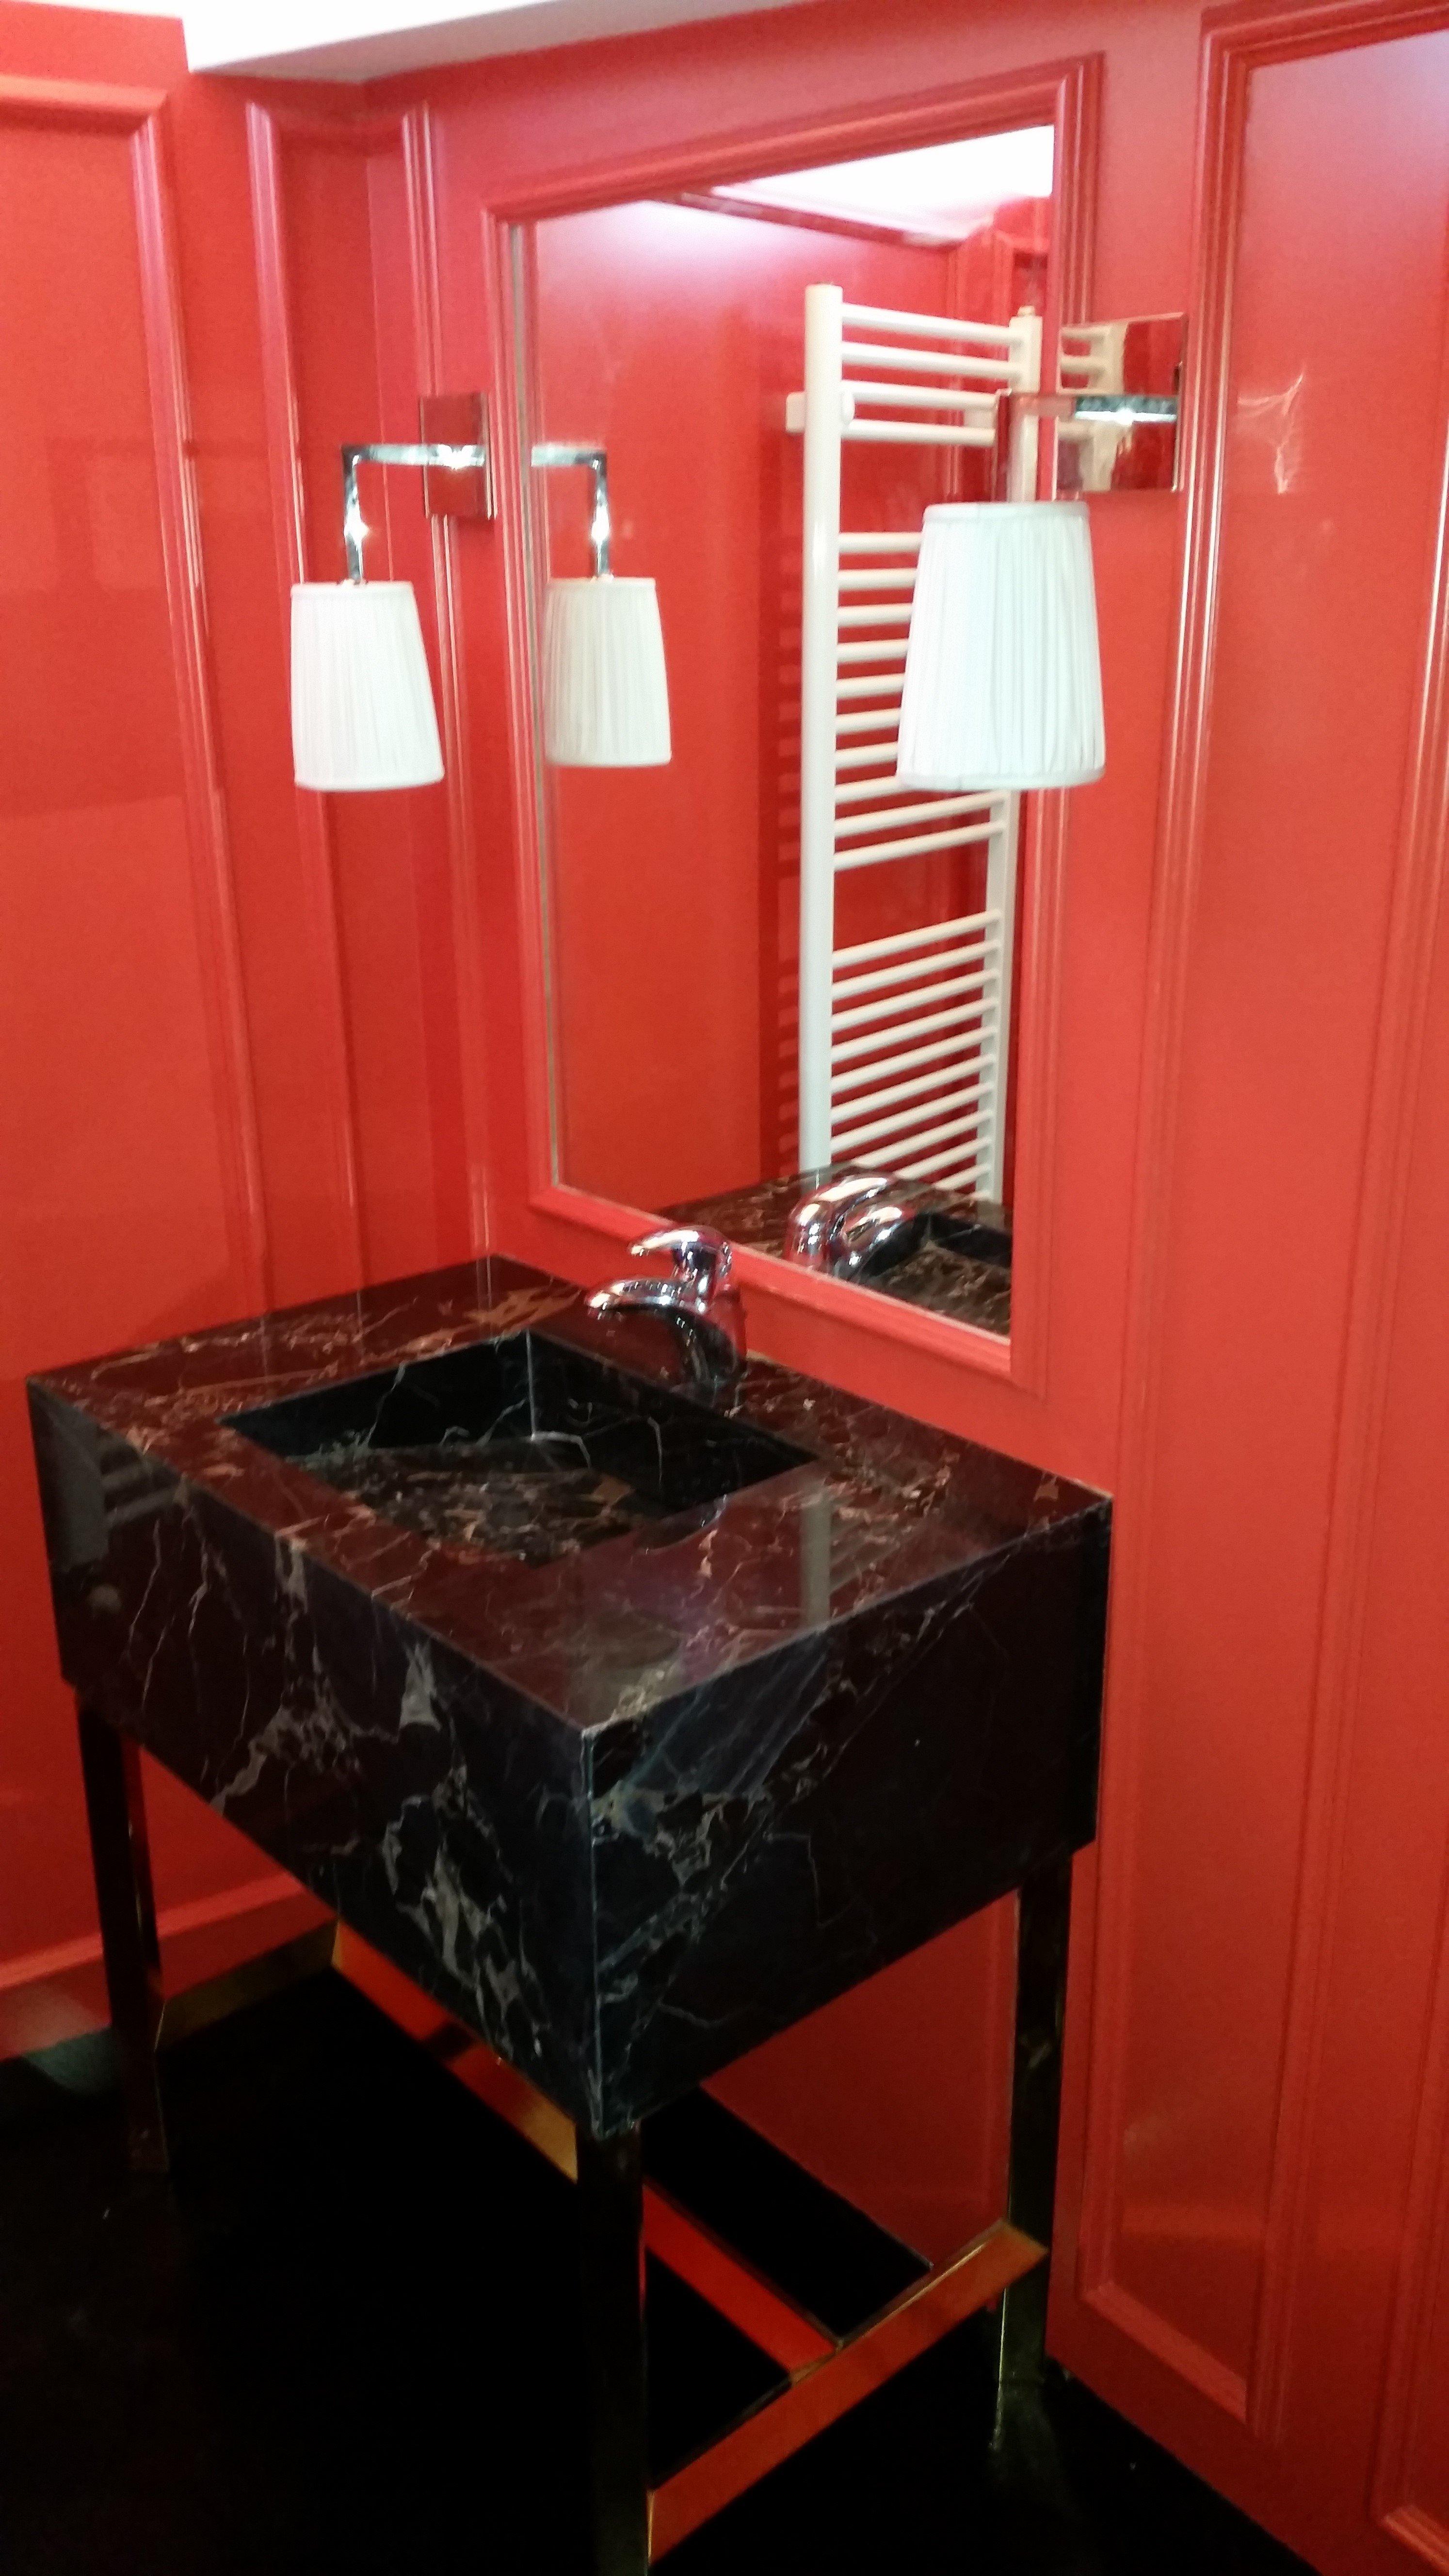 Lavello nero in bagno rosso altra visuale